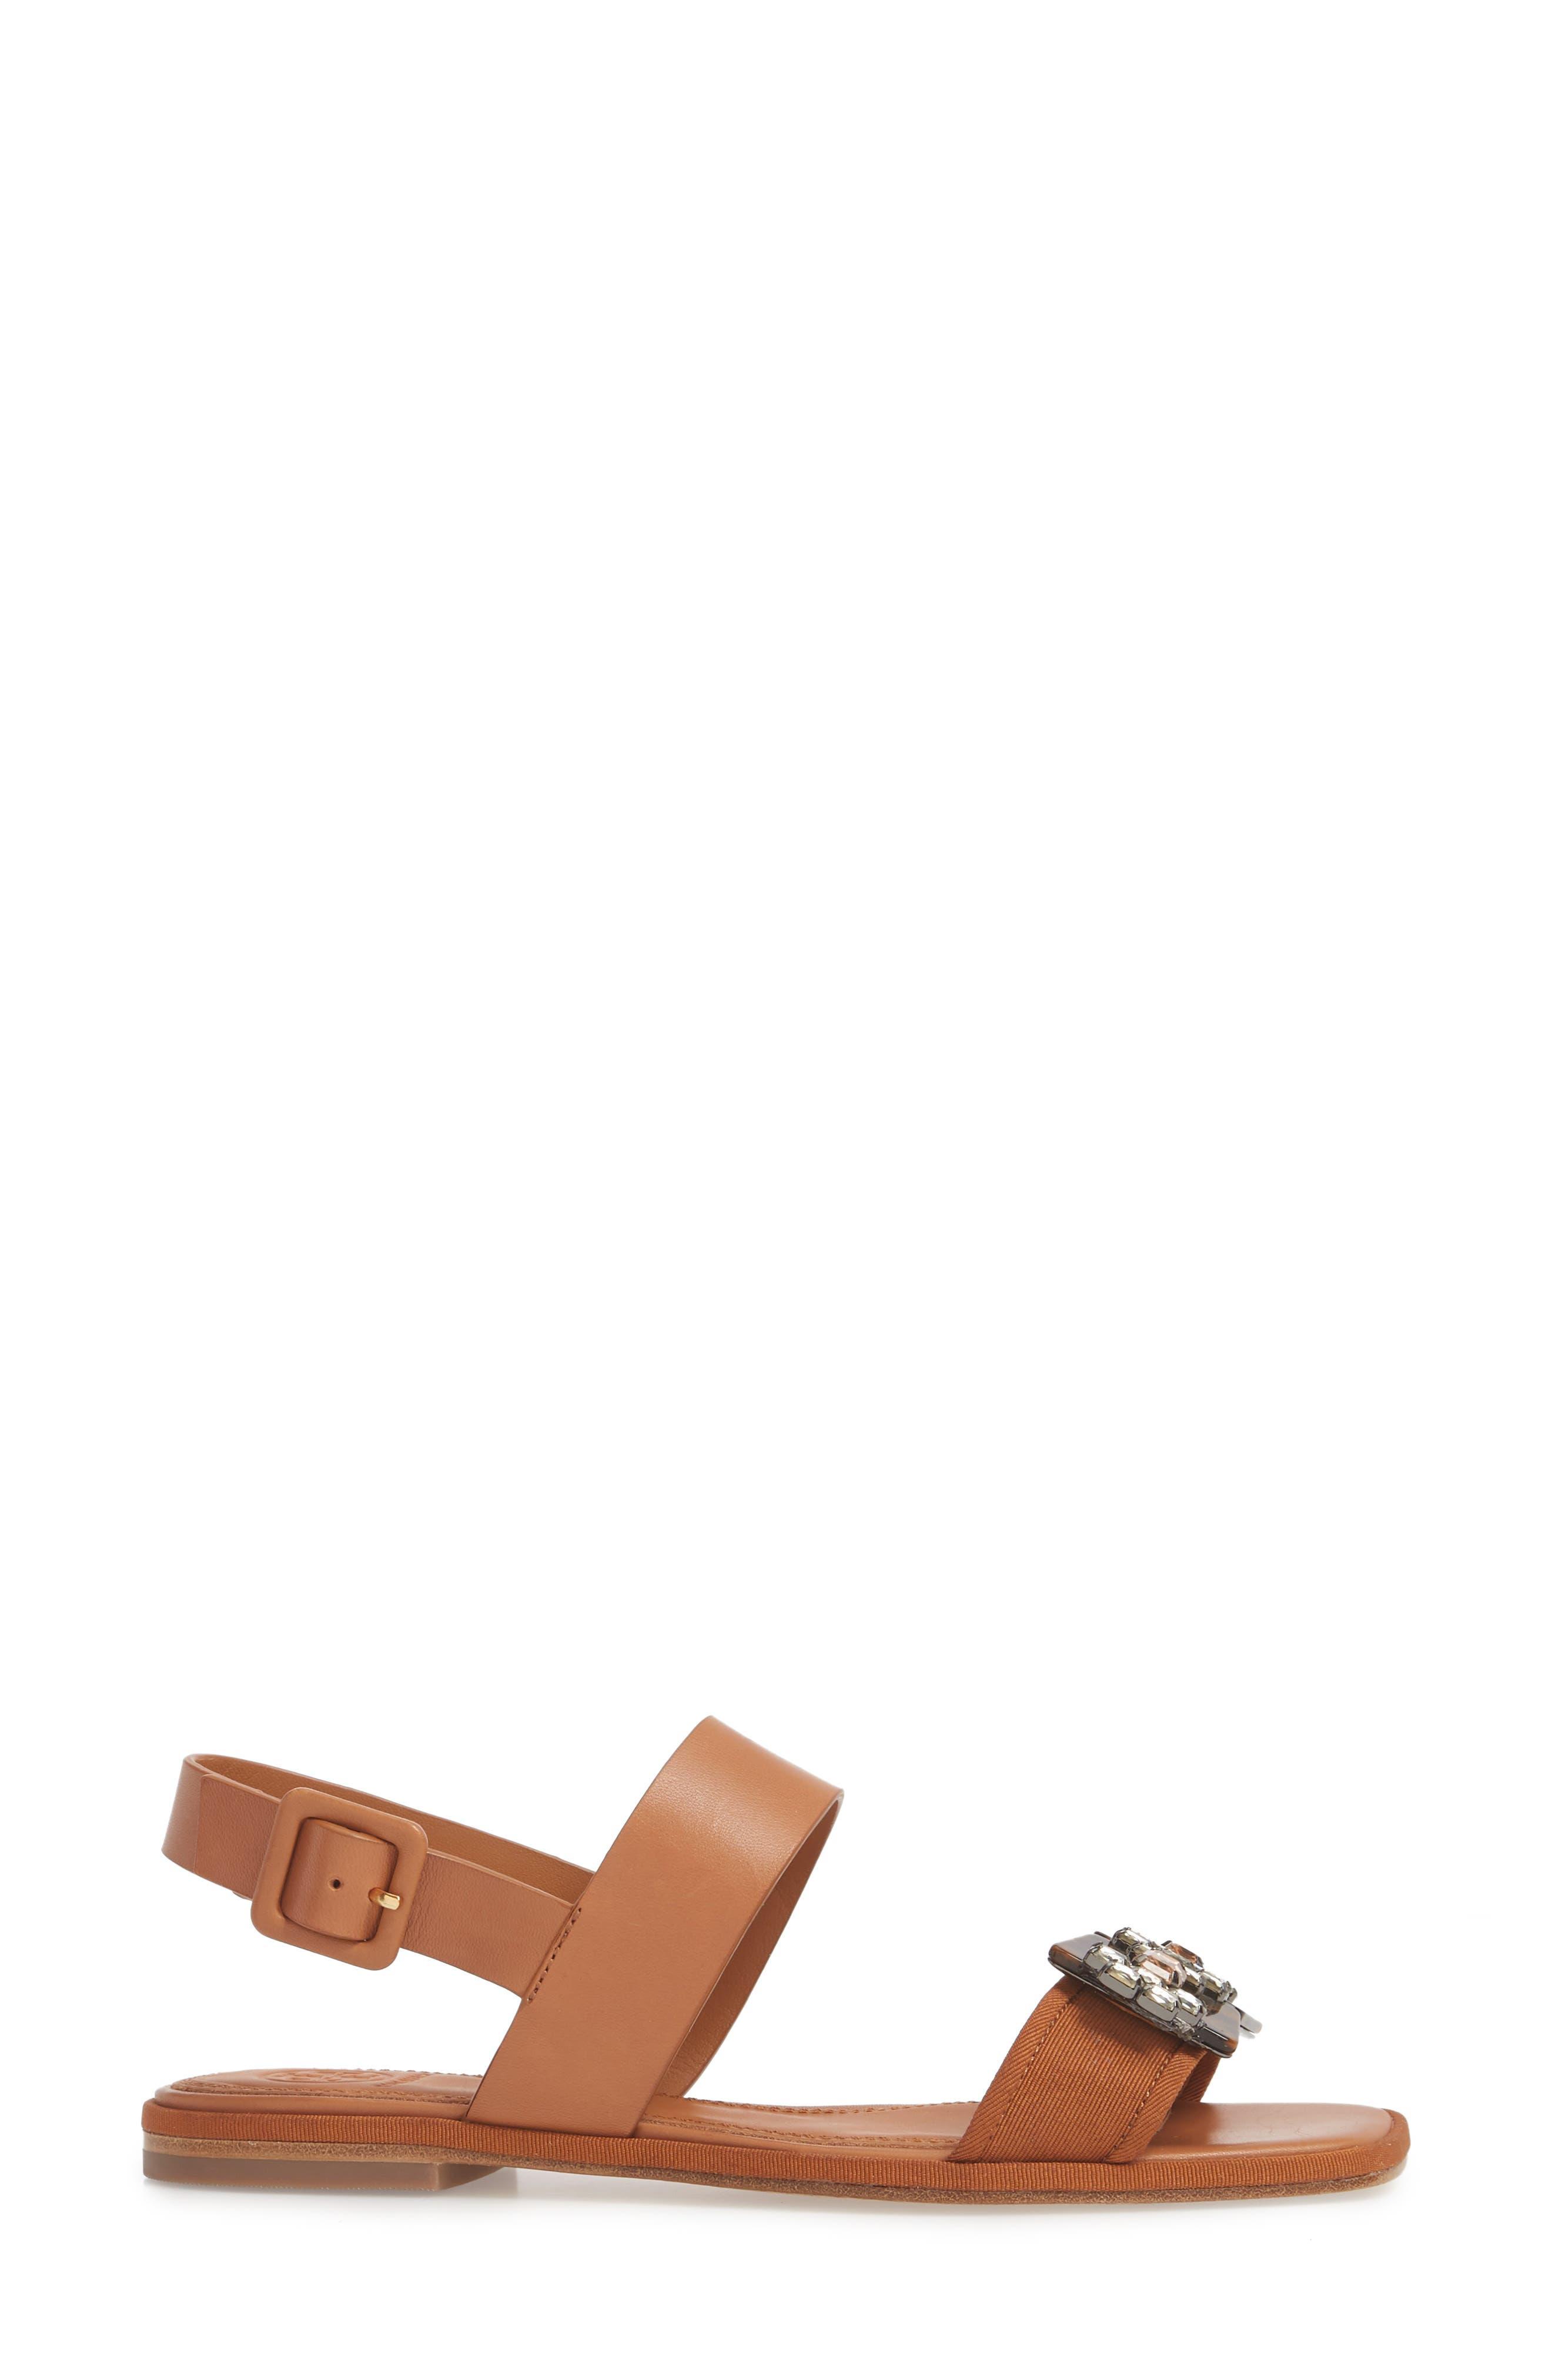 Delaney Embellished Double Strap Sandal,                             Alternate thumbnail 3, color,                             210